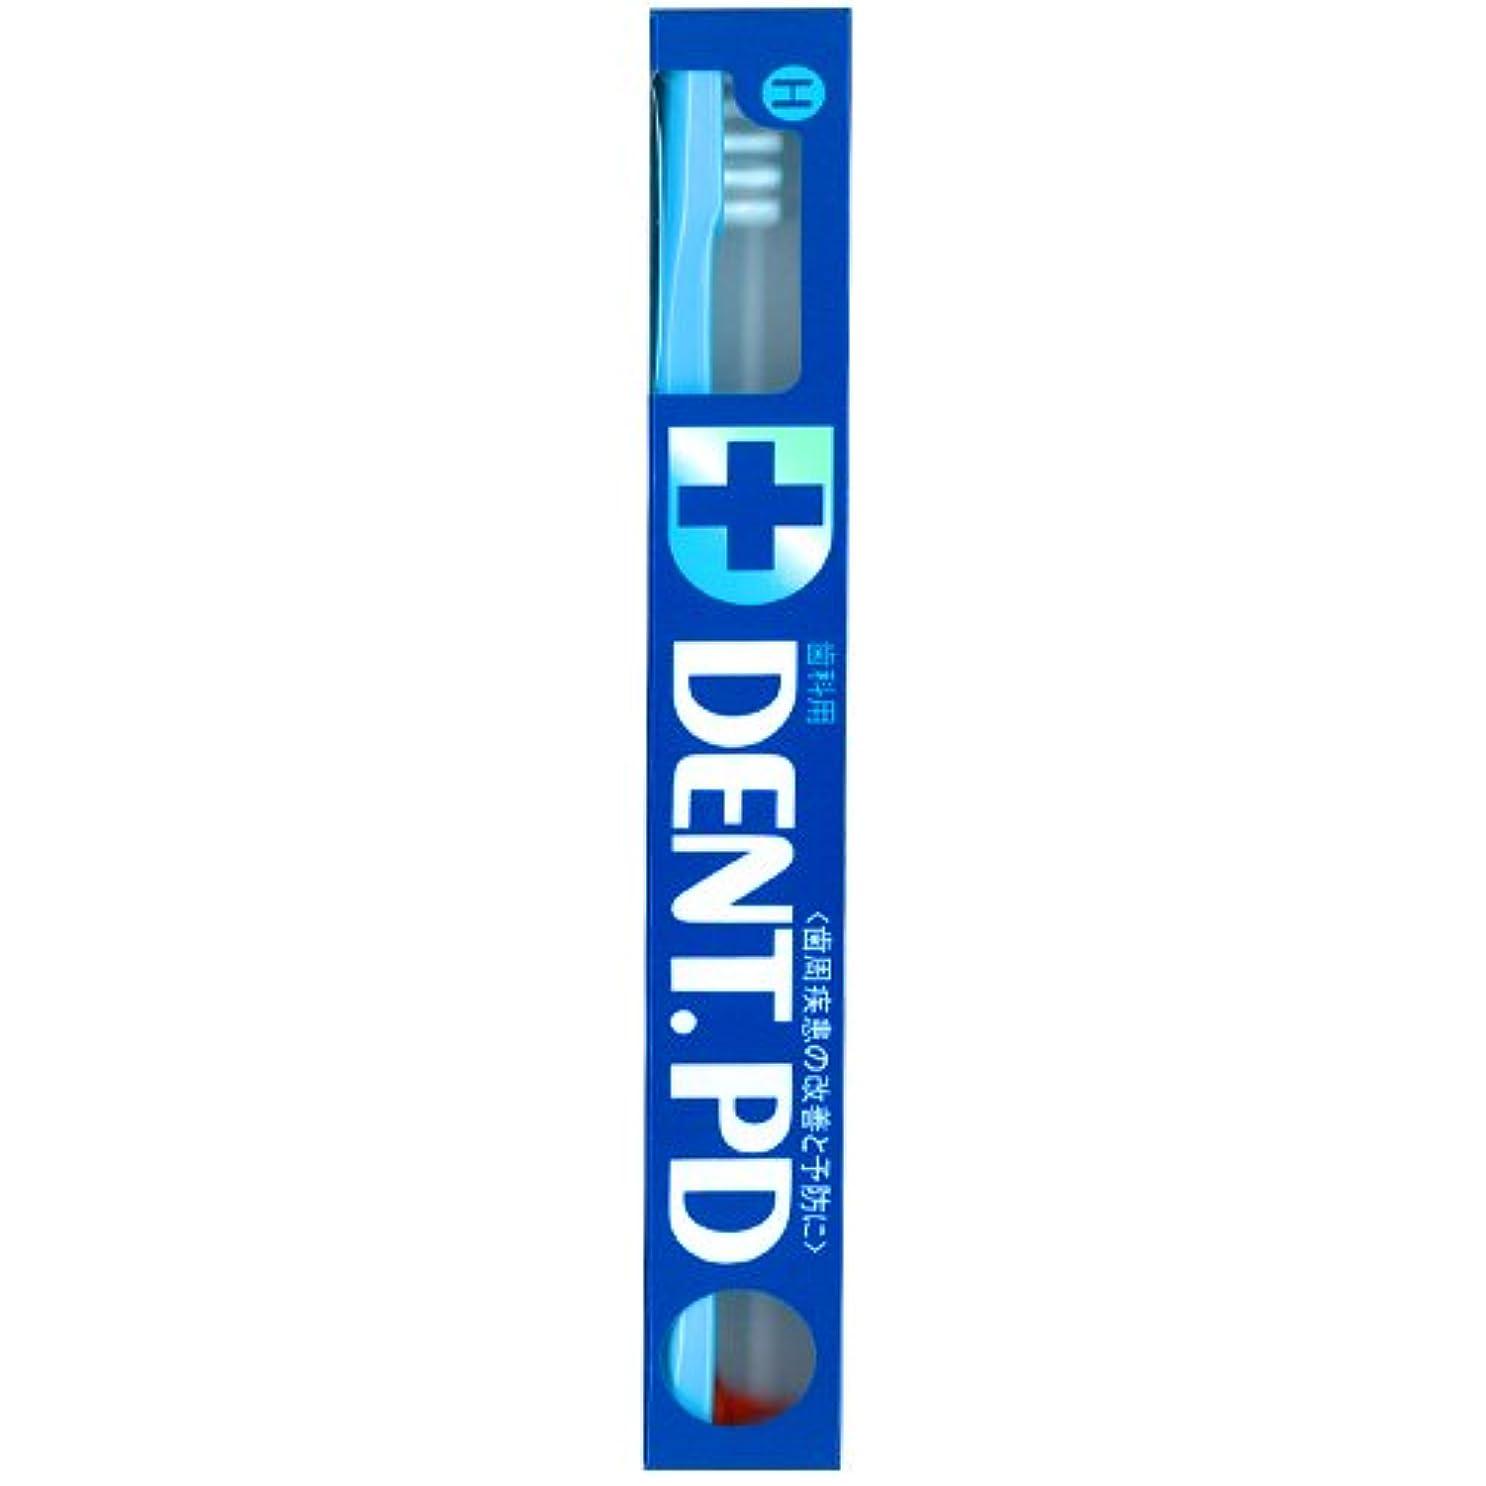 連隊上陸いつライオン DENT.PD歯ブラシ 1本 H (ブルー)